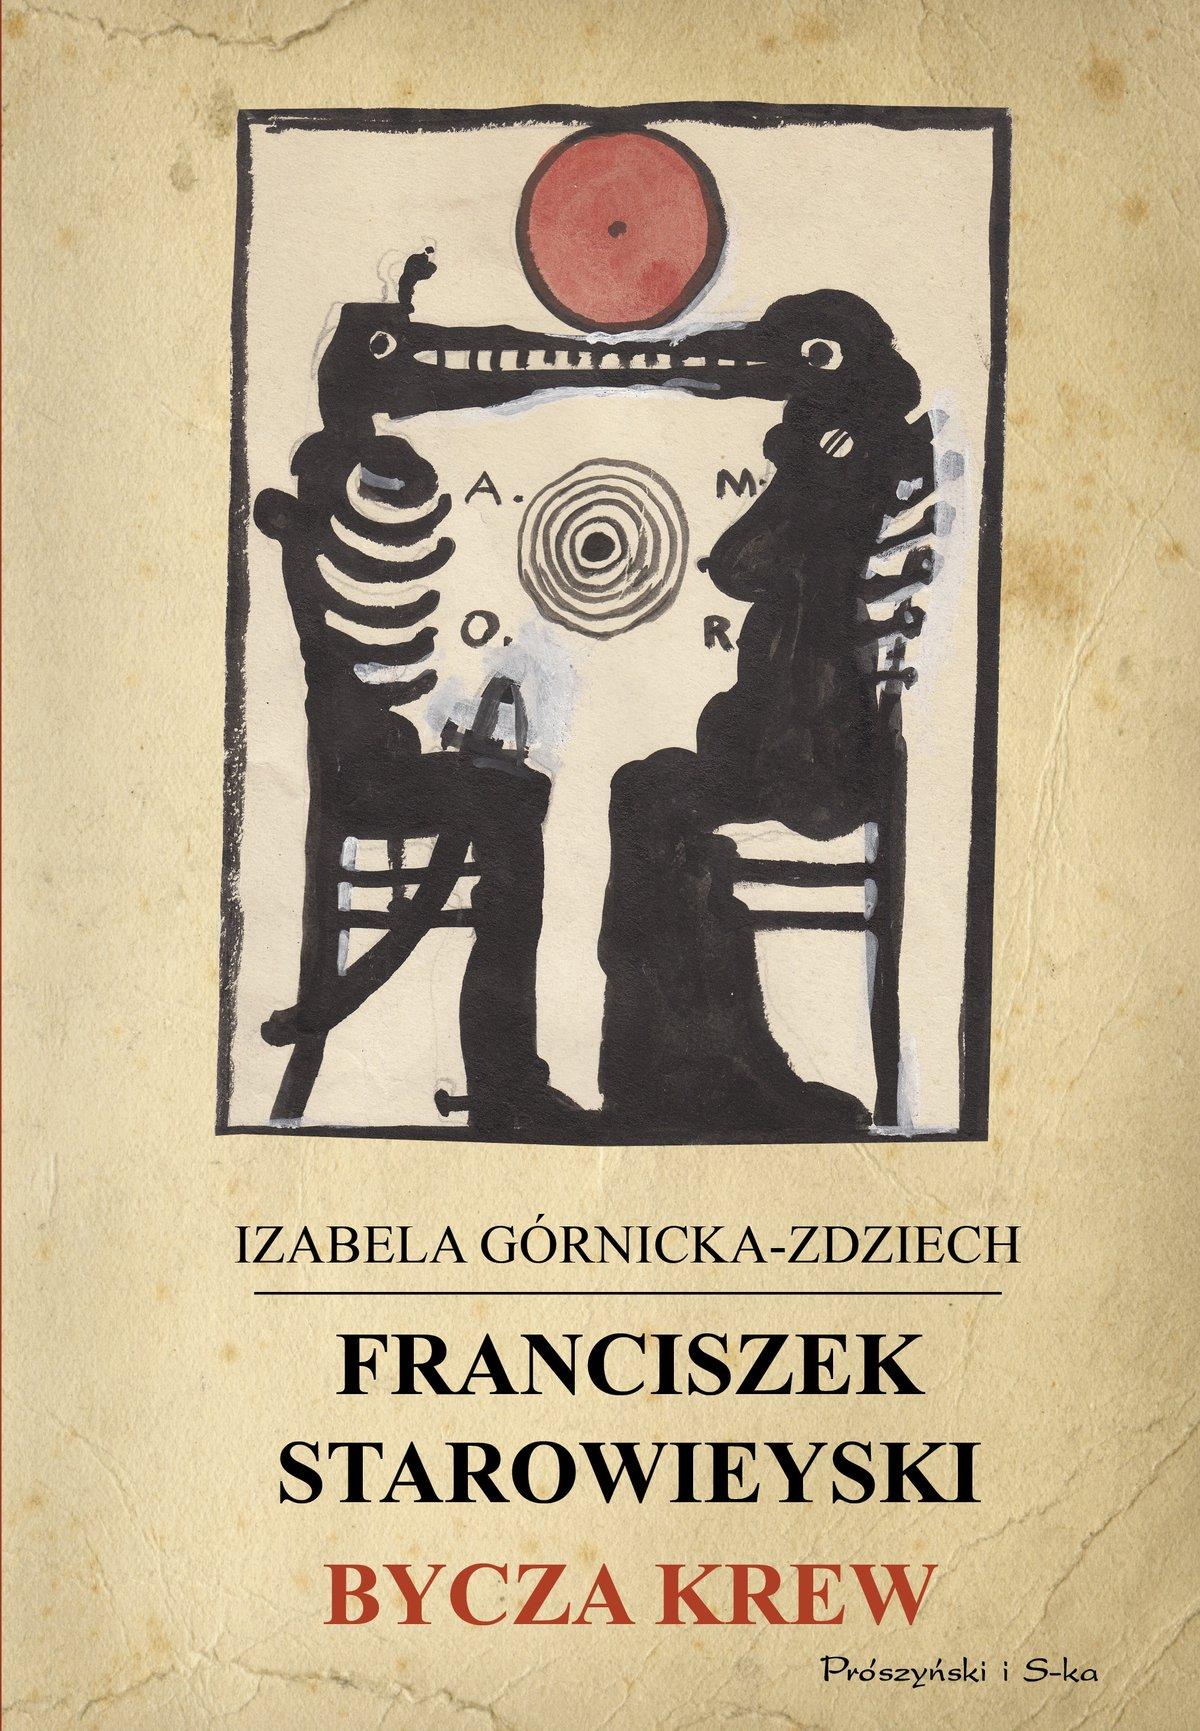 Franciszek Starowieyski. Bycza krew - Ebook (Książka na Kindle) do pobrania w formacie MOBI